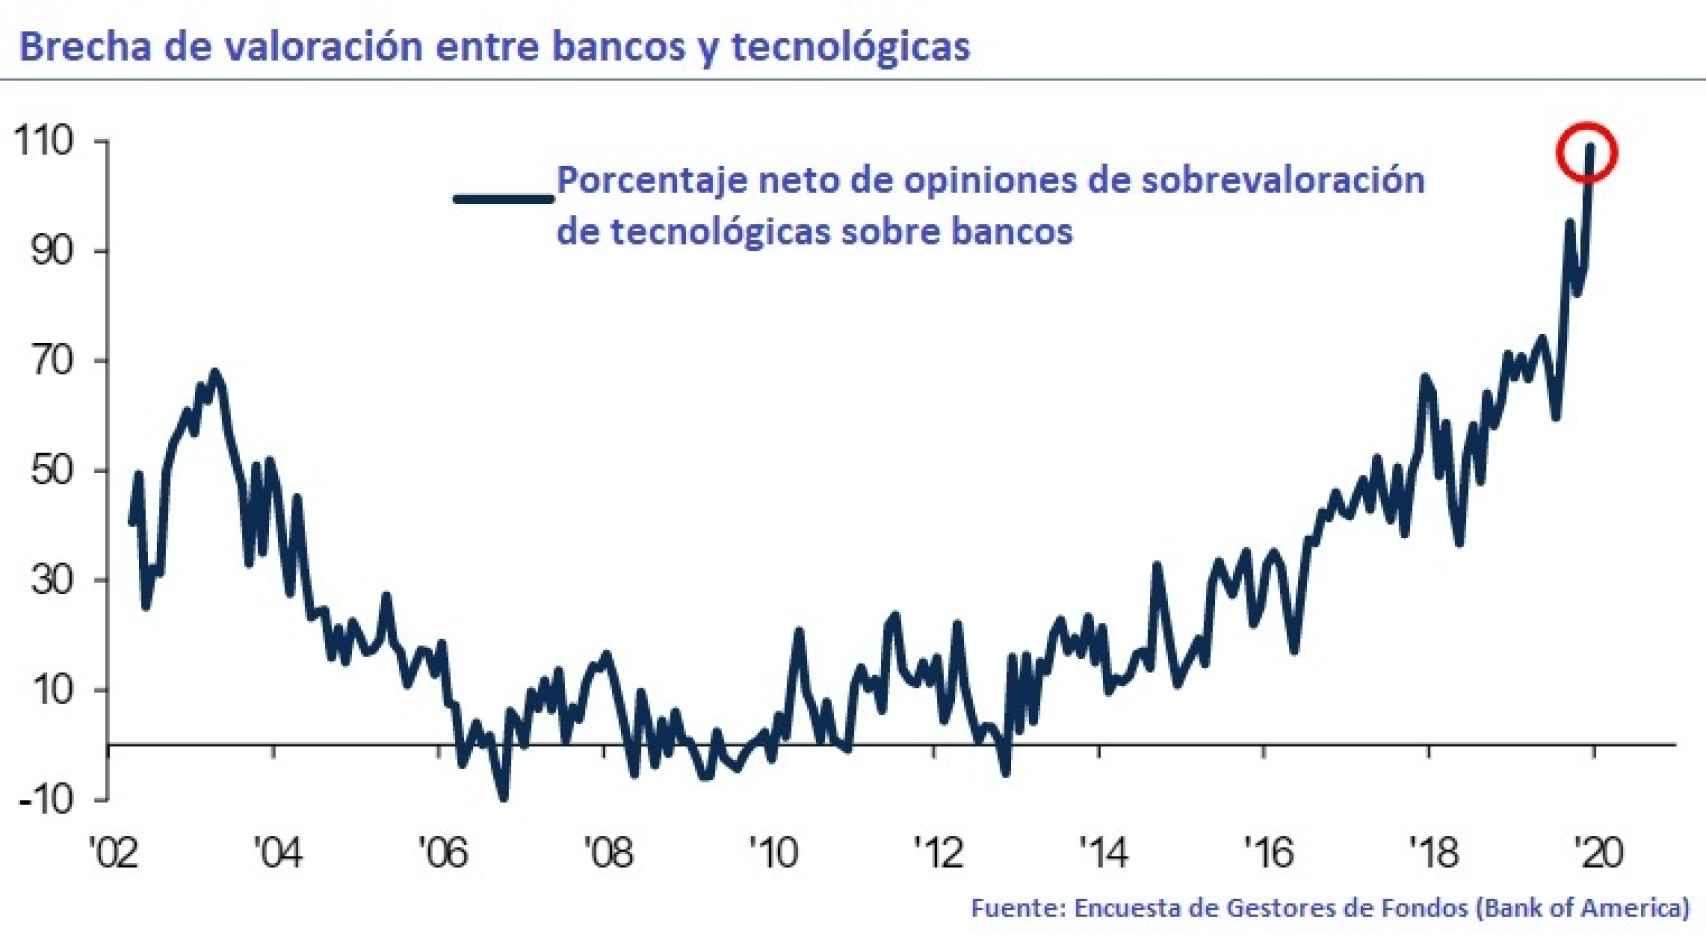 Evolución de la valoración de bancos frente a tecnológicas.